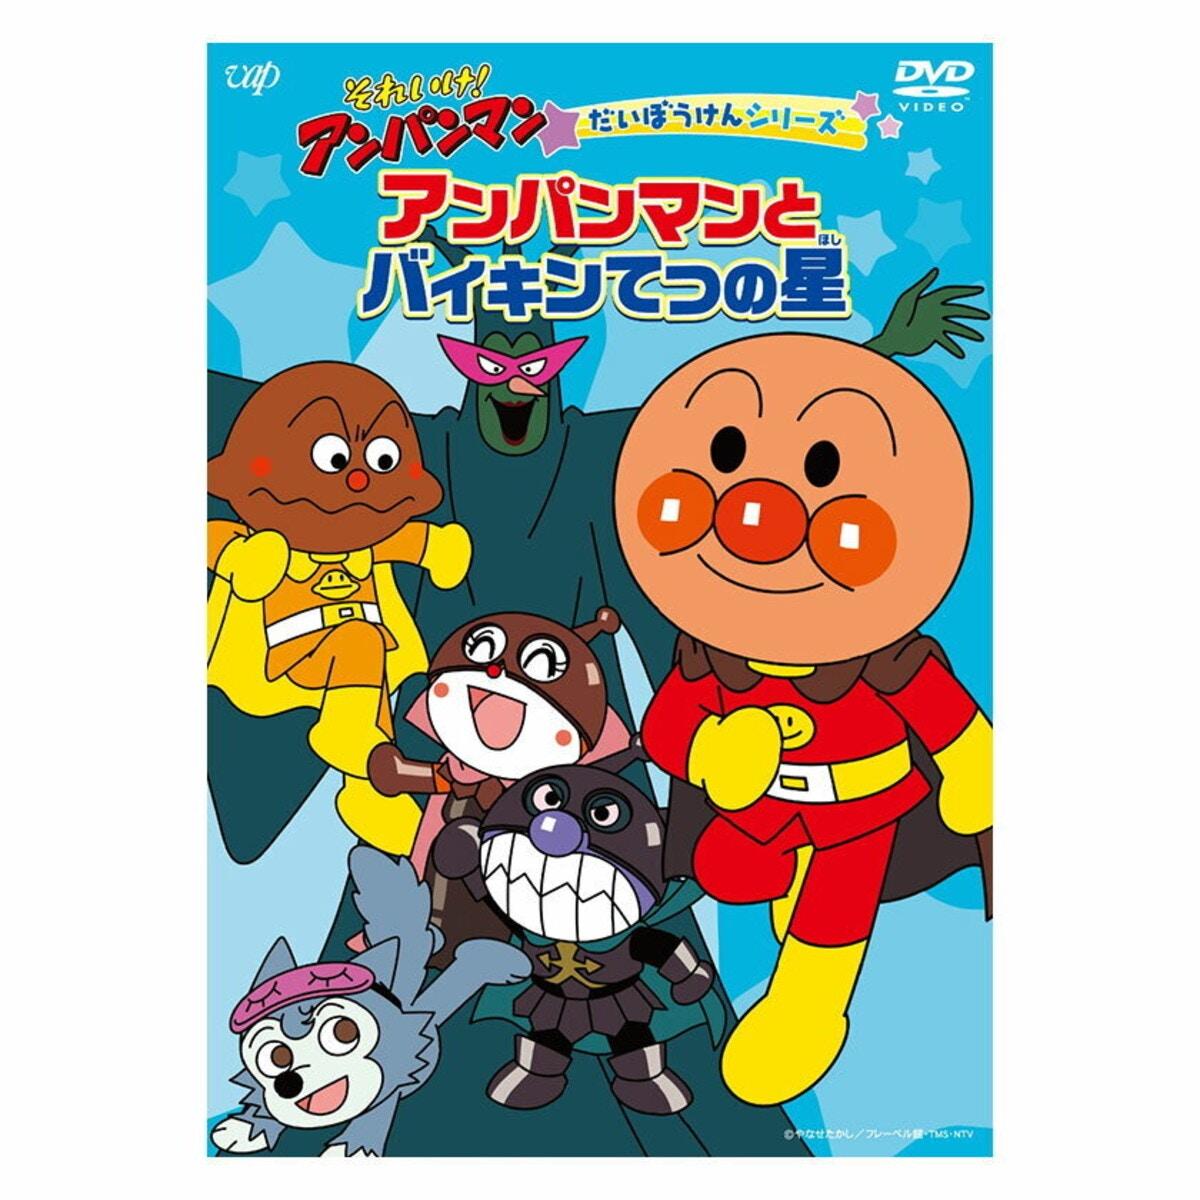 「それいけ!アンパンマン だいぼうけんシリーズ アンパンマンとバイキンてつの星 」